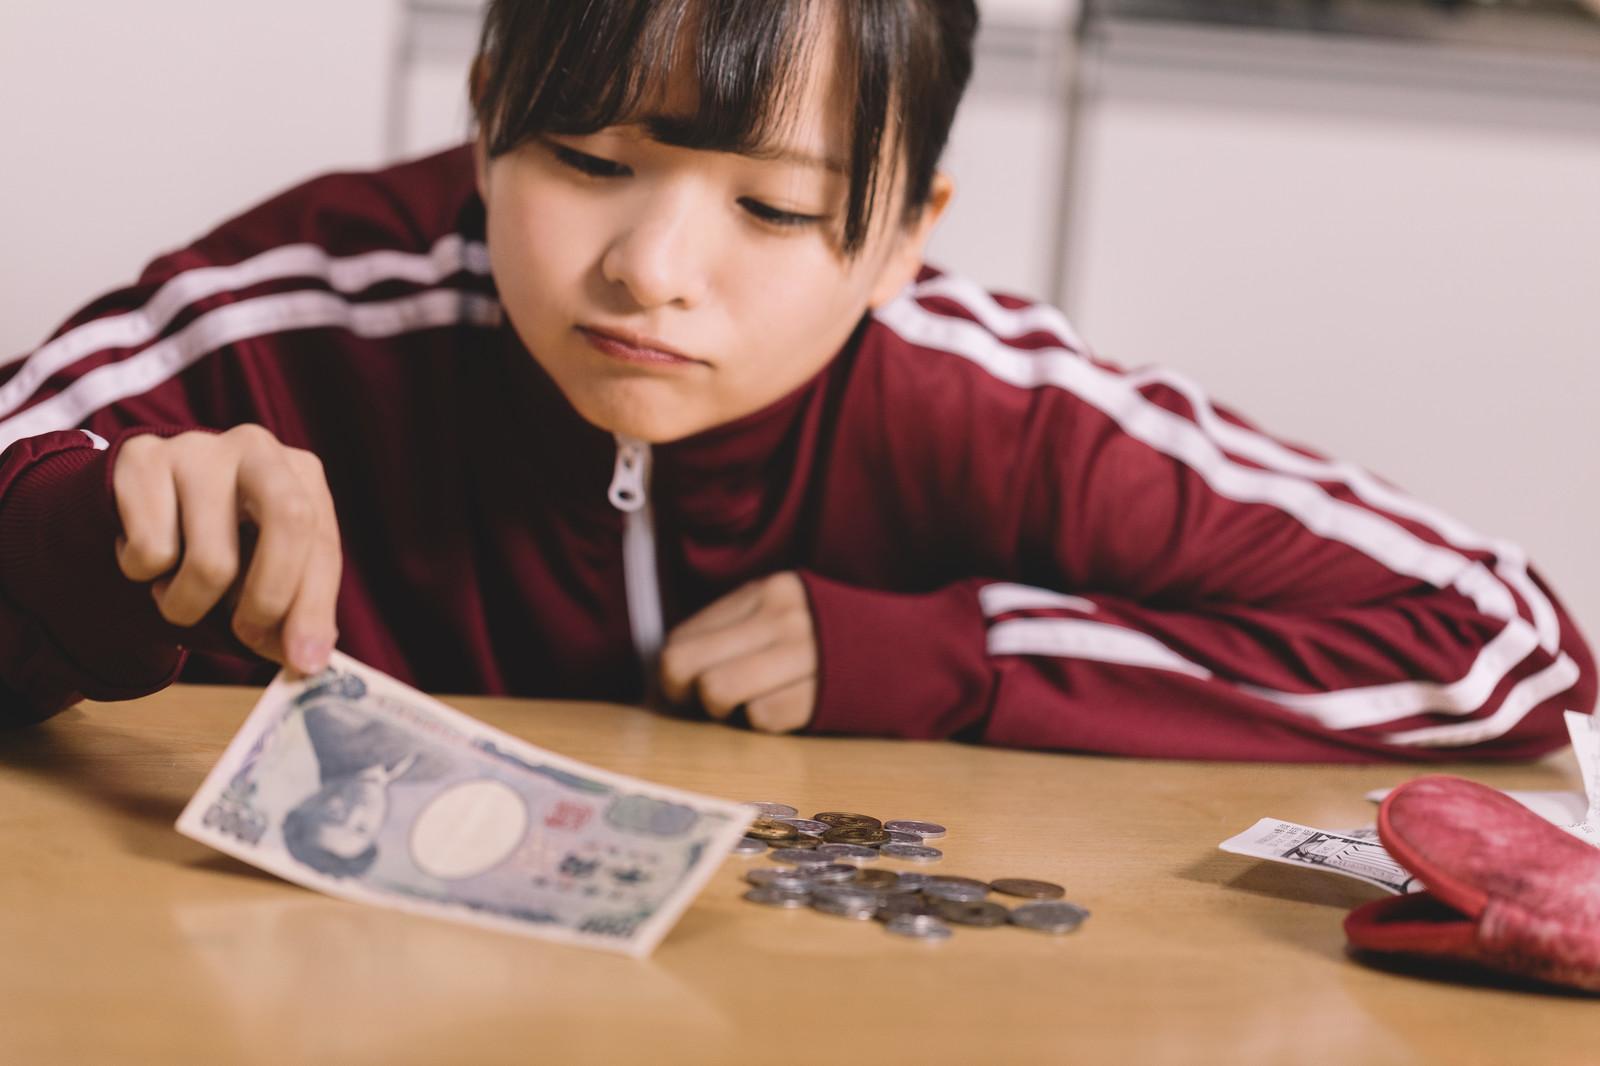 日本 単身女性 3人に1人 貧困